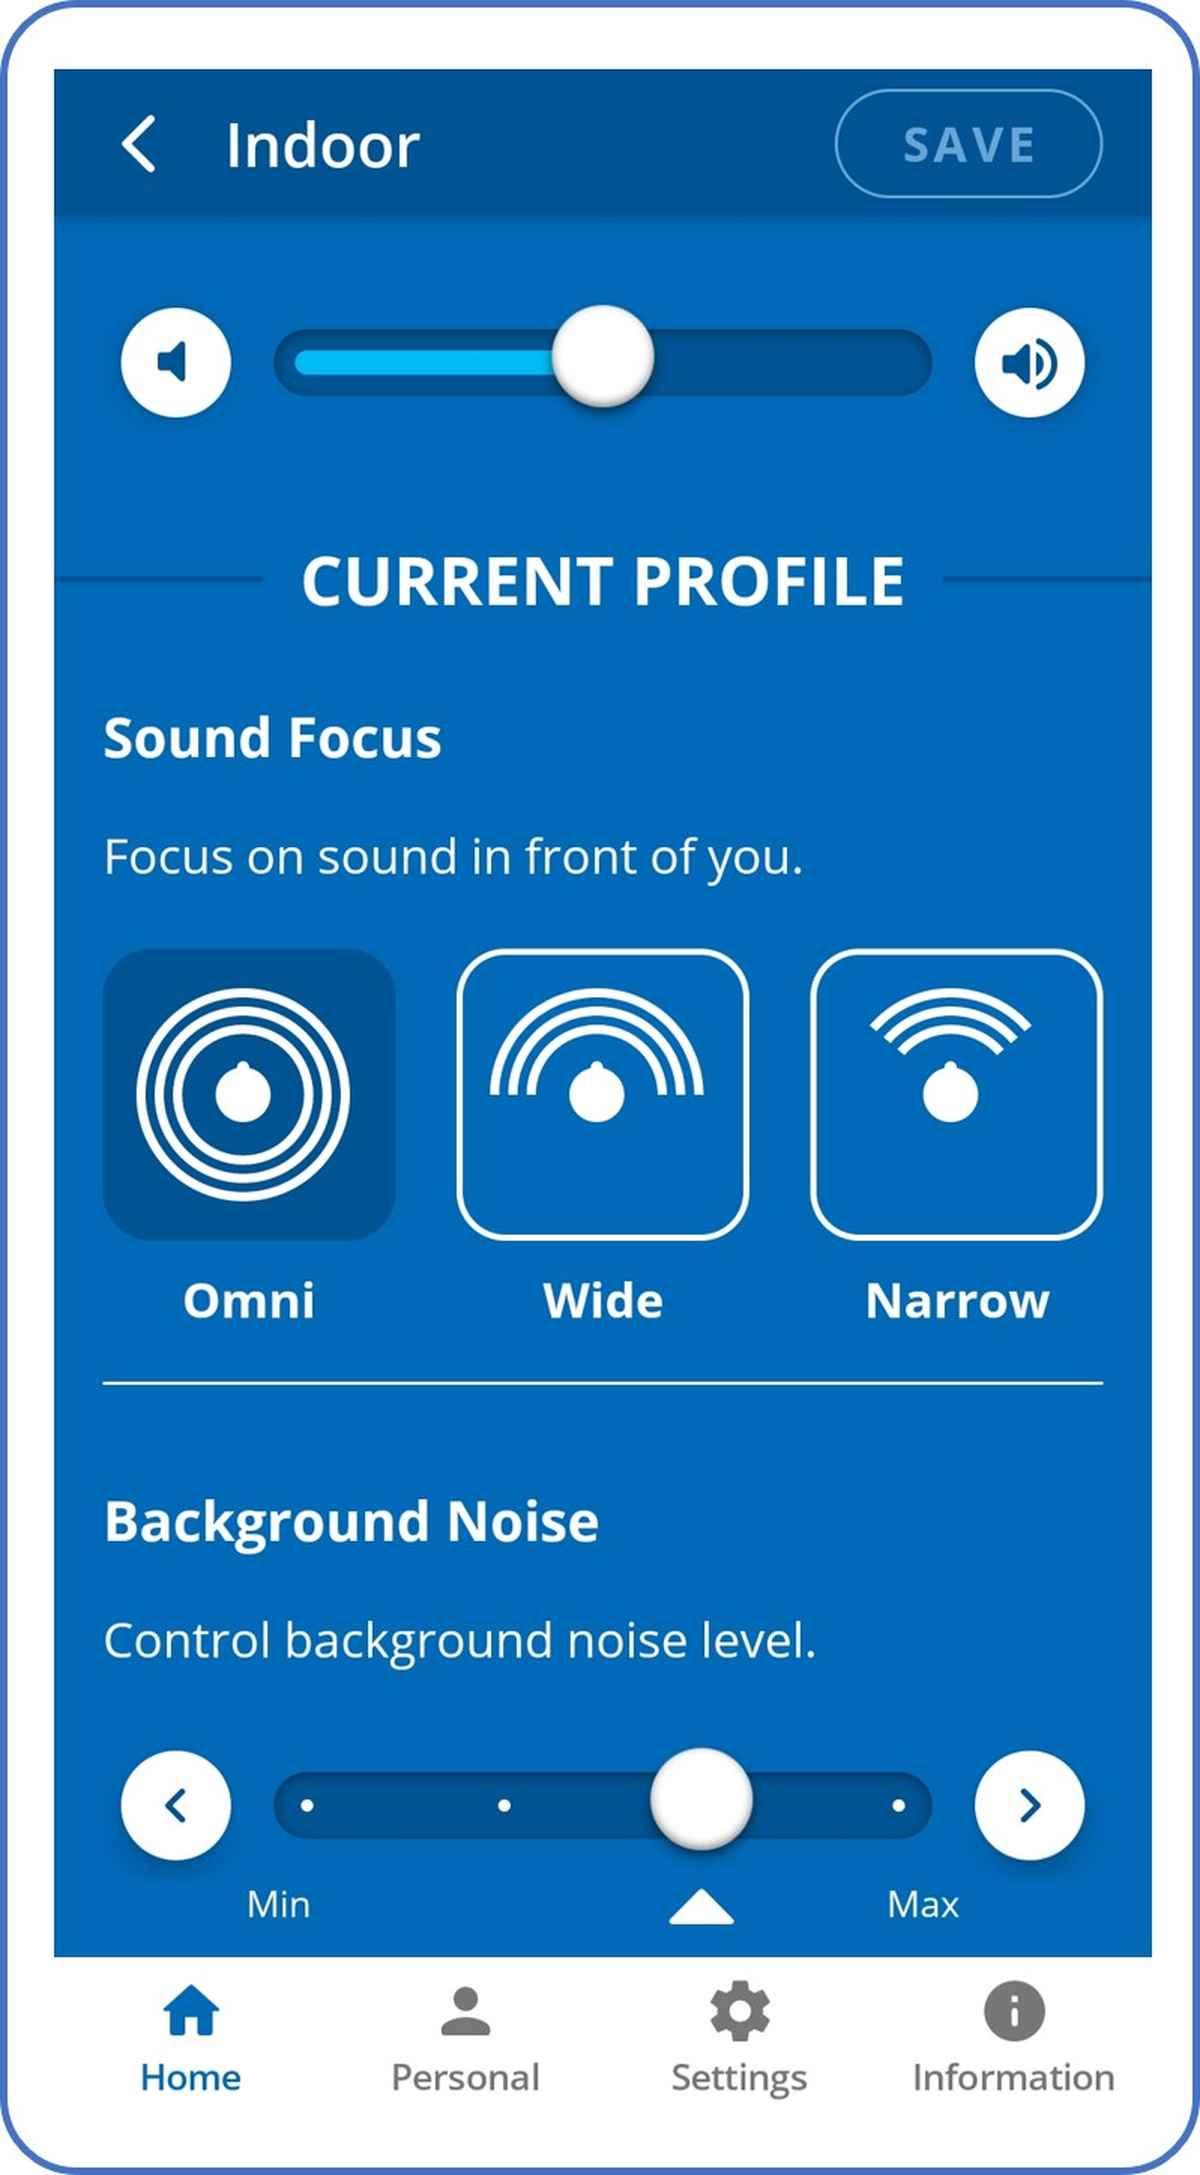 Sound Focus Framed 2